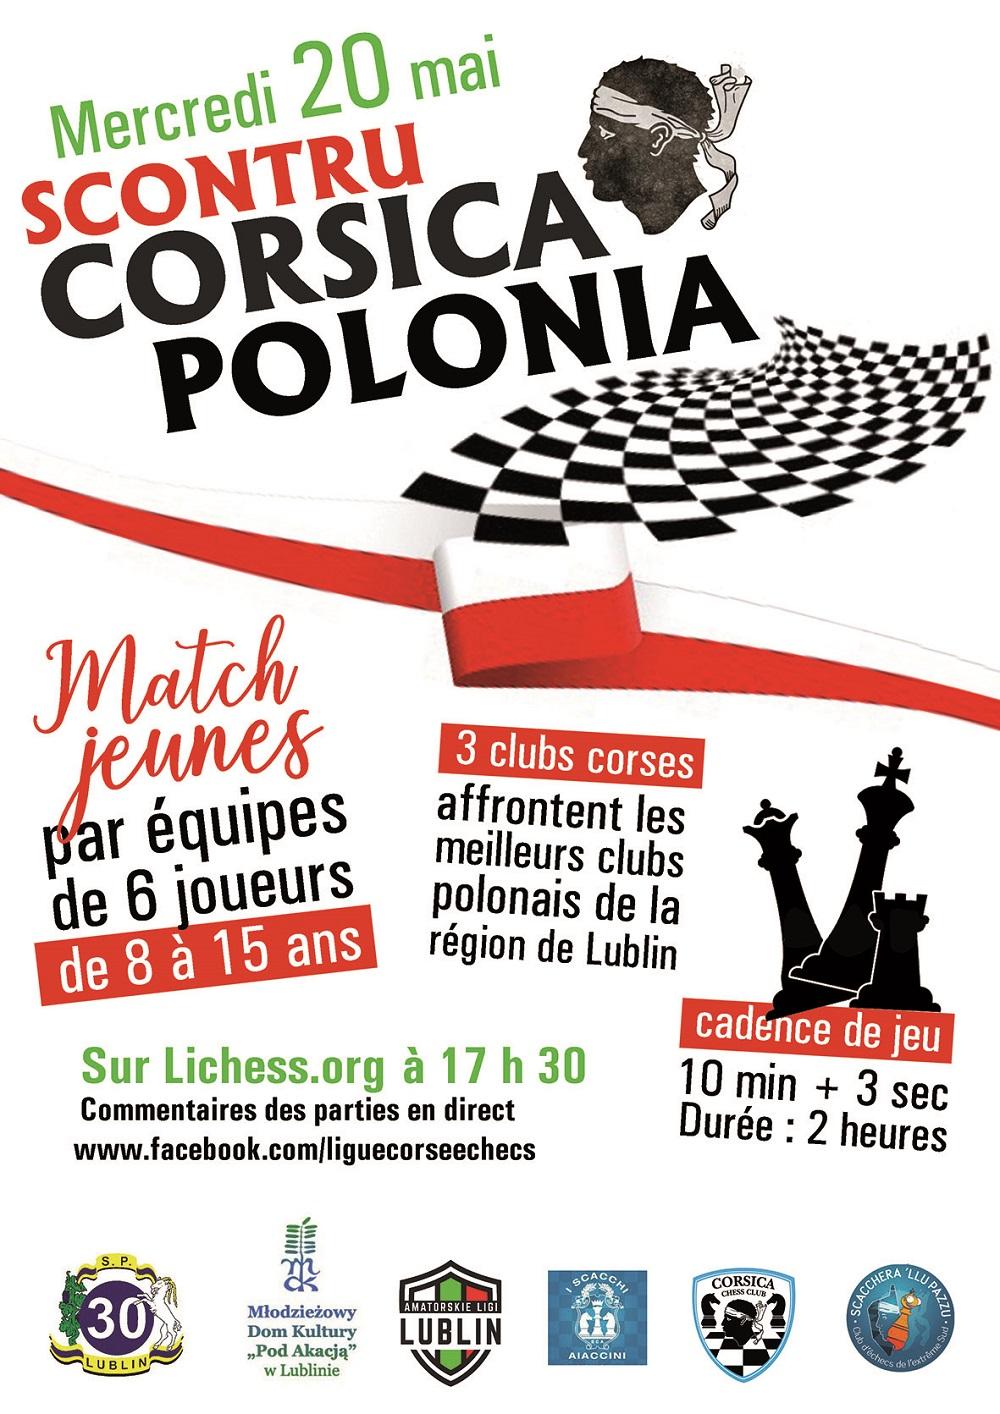 Victoire du Corsica Chess Club dans le tournoi par équipes U15 entre Lublin et la Corse